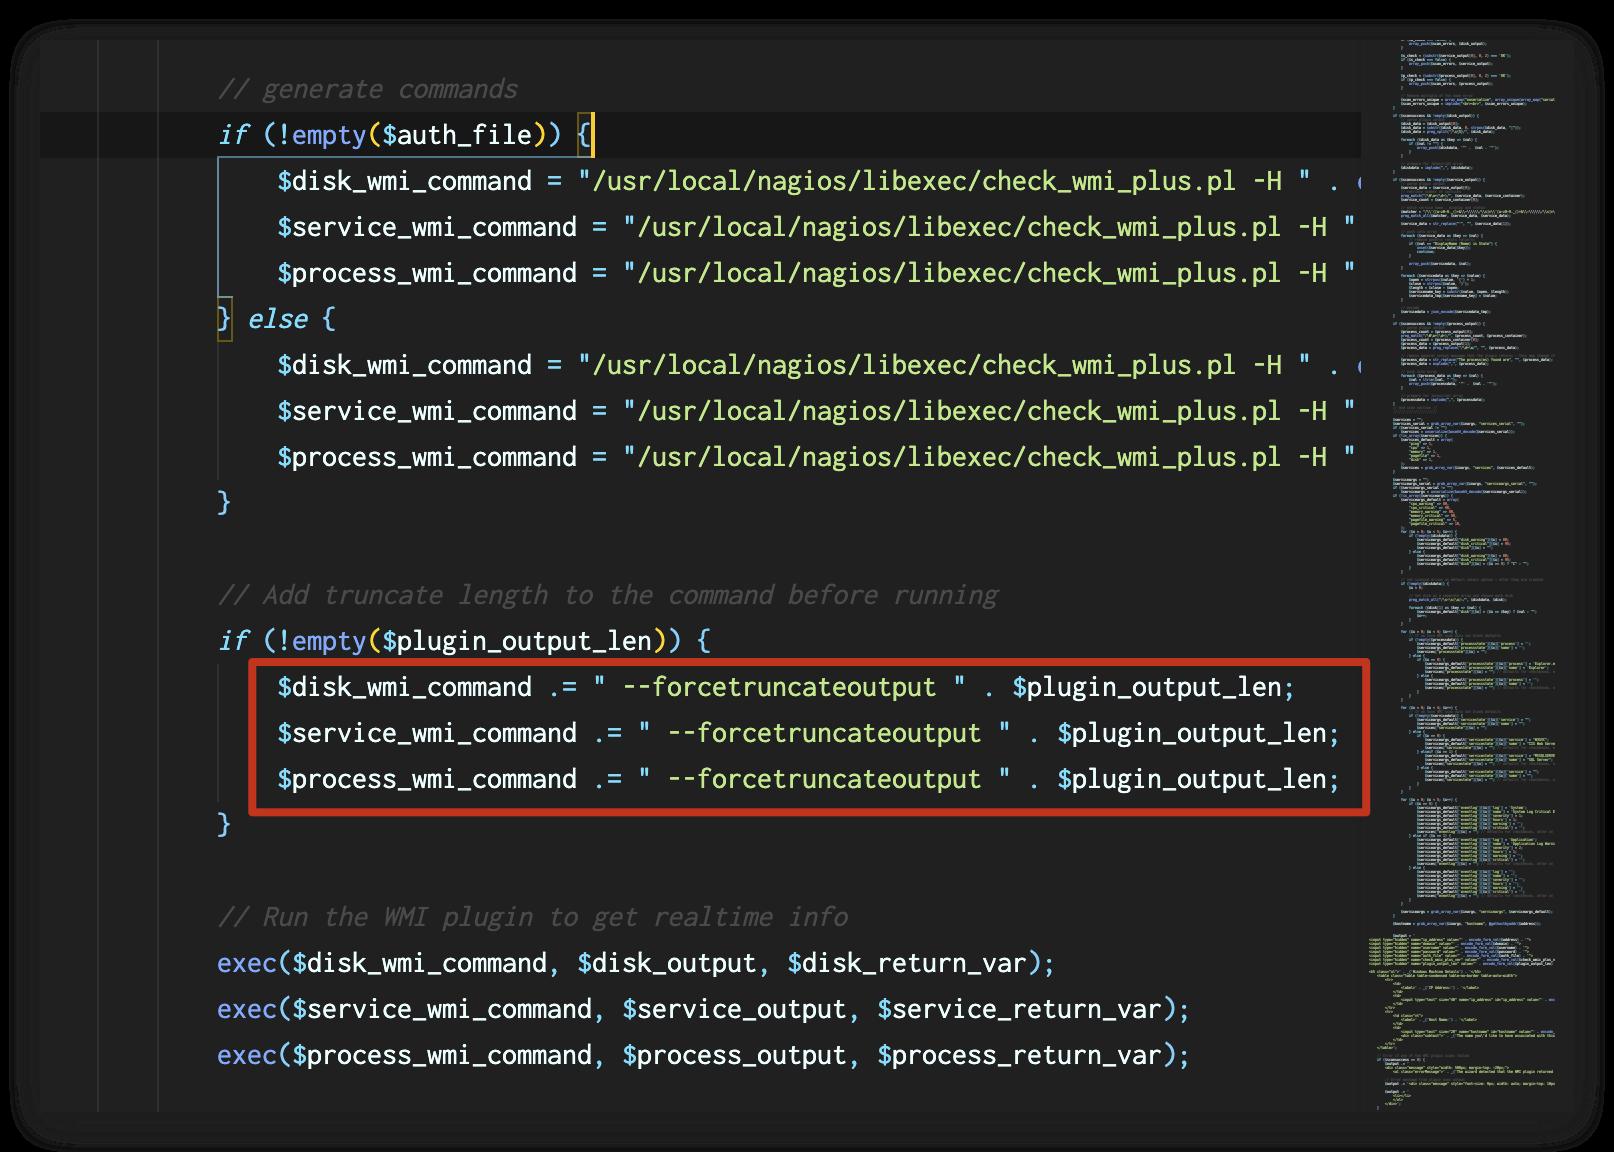 Nagios XIのコードビューを示す画像。コールアウトボックスは、plugin_output_lenが既存のコマンドに直接追加されることを強調しています。